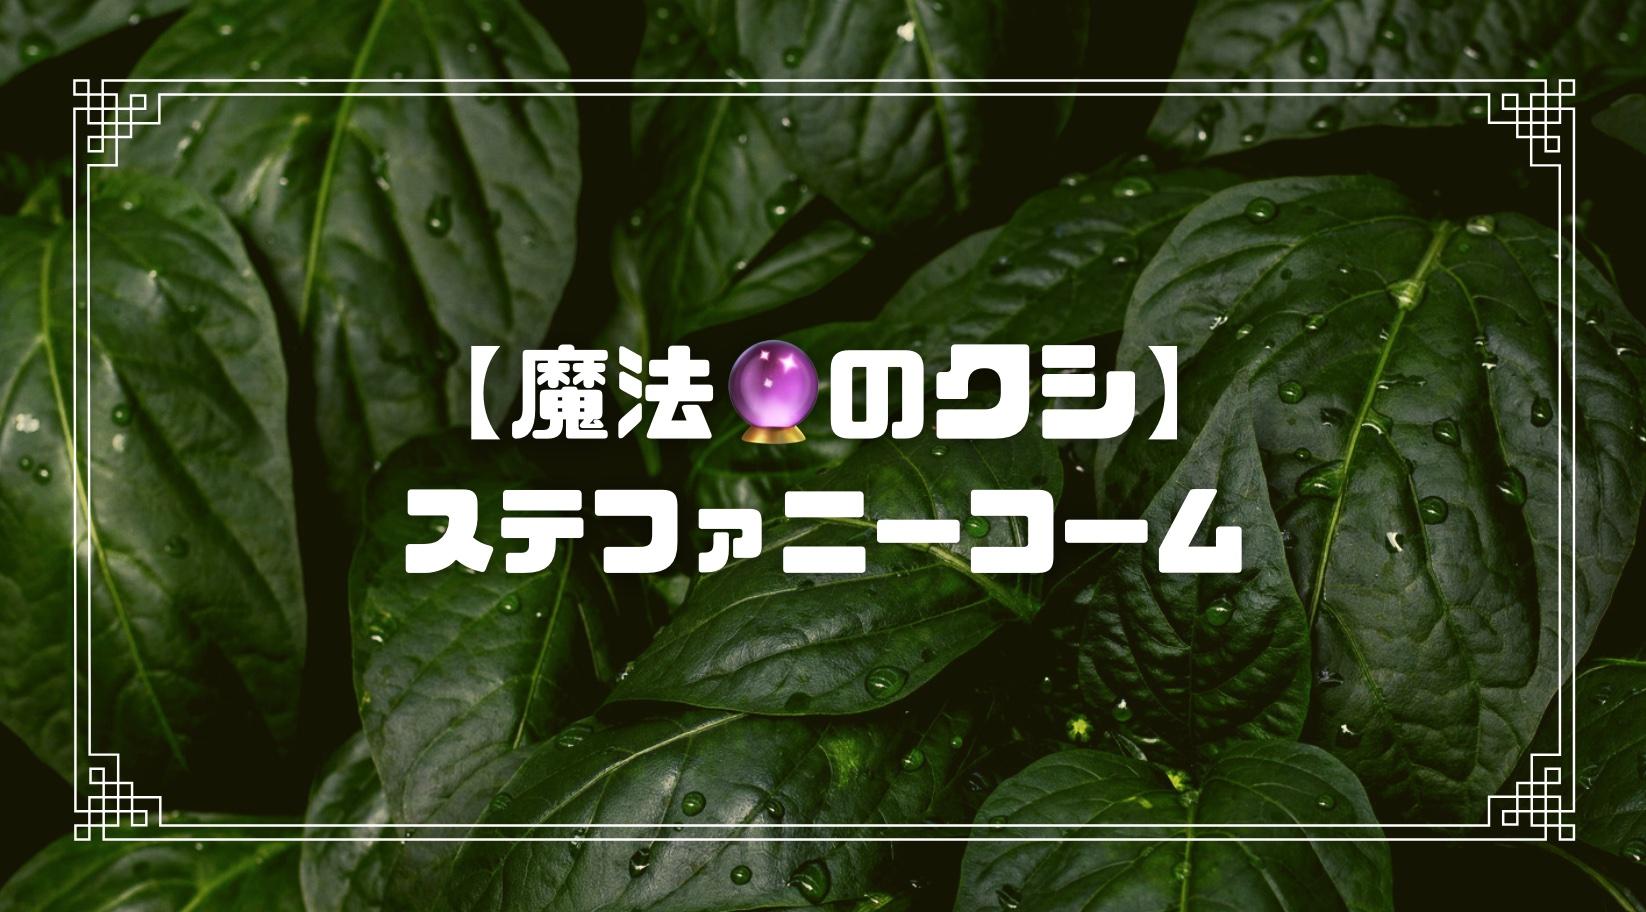 日本で最も高級なヘアコーム【ステファニーコーム】を徹底検証!